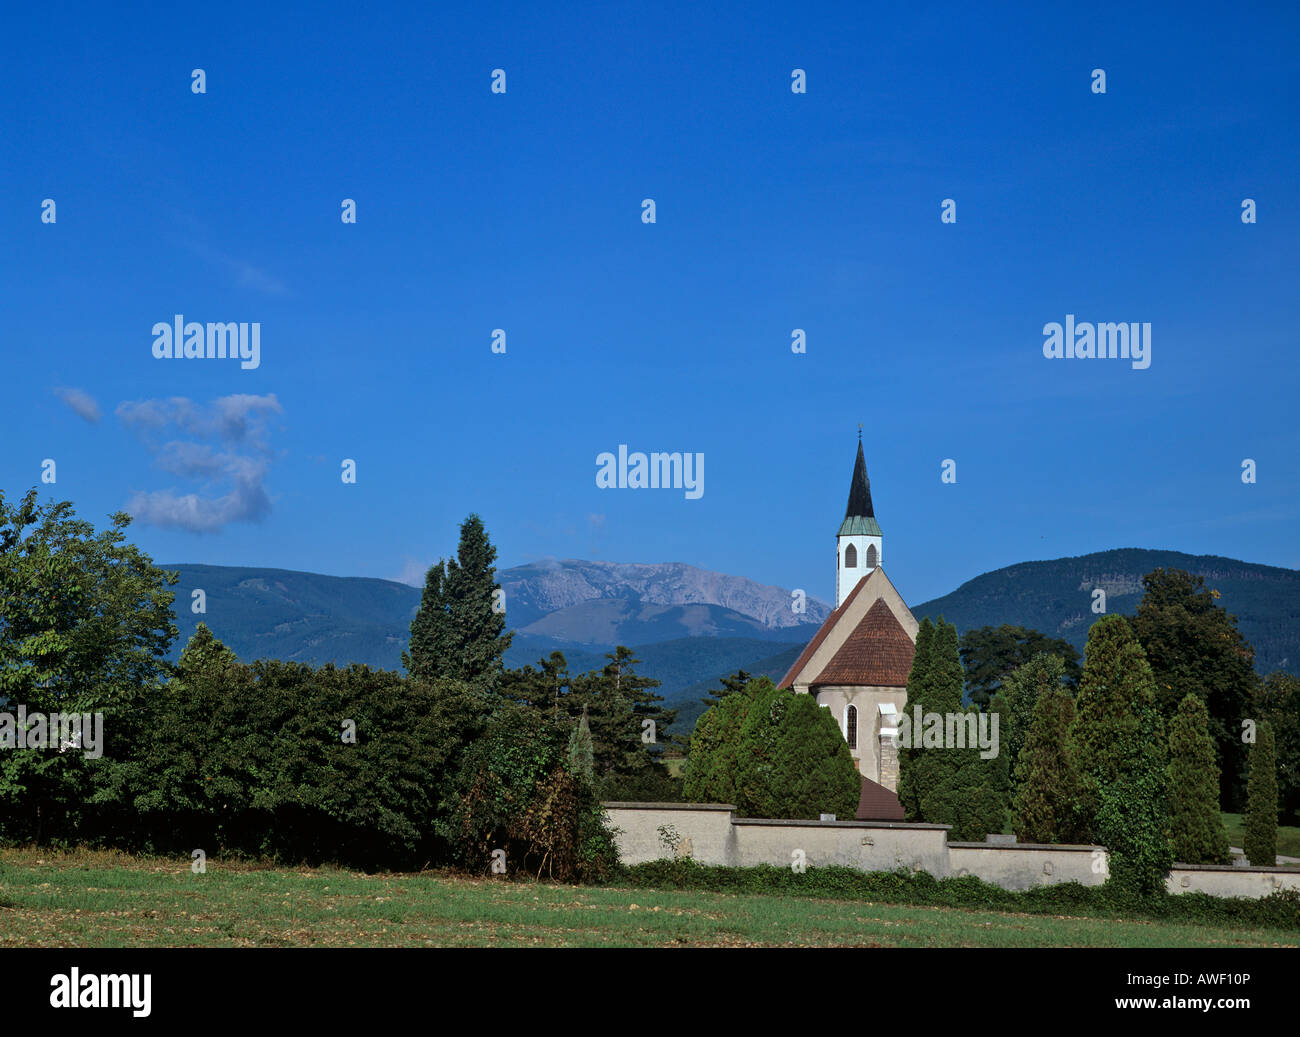 Peterskirche (St. Peter's Church), Neunkirchen, Lower ...